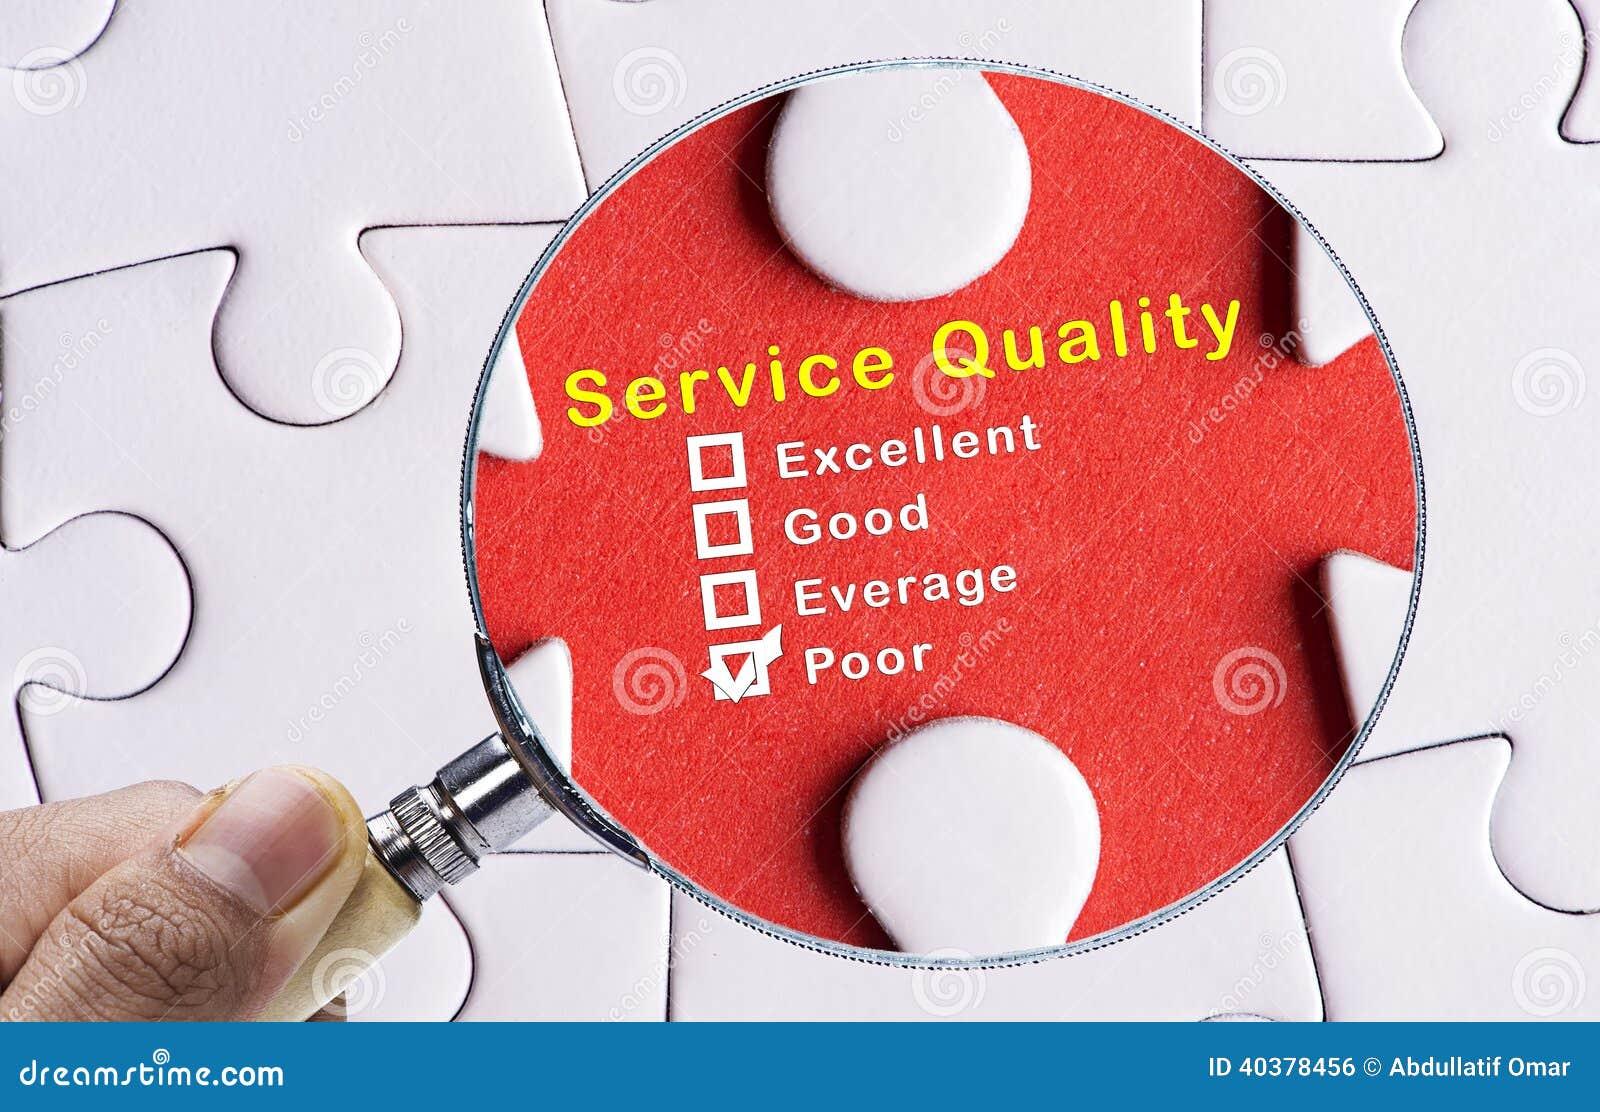 Lupe, die auf schlechte Bewertung der Servicequalität sich konzentriert